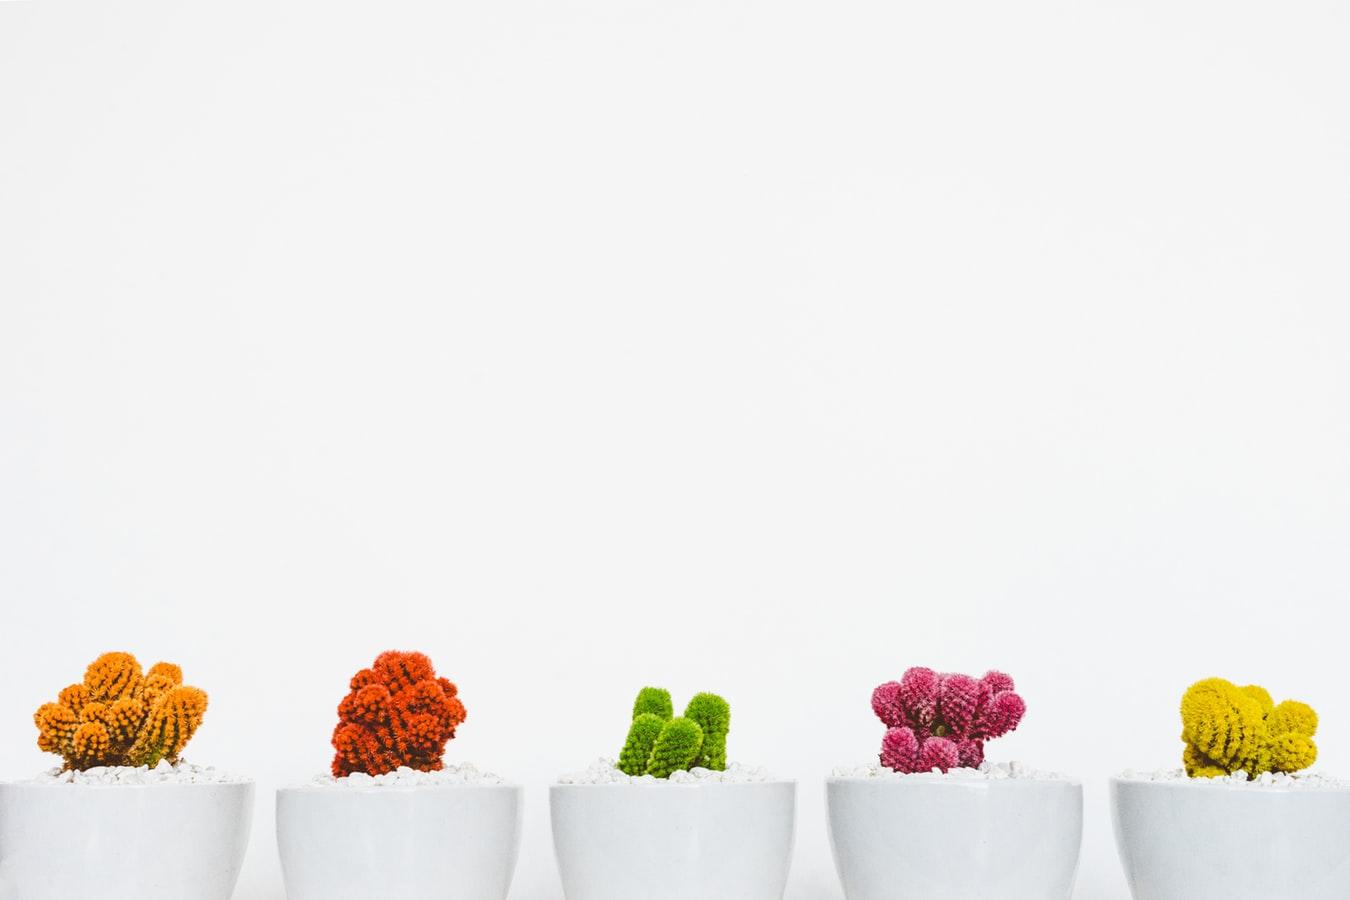 191021 Rainbow Cacti photo-1485841890310-6a055c88698a